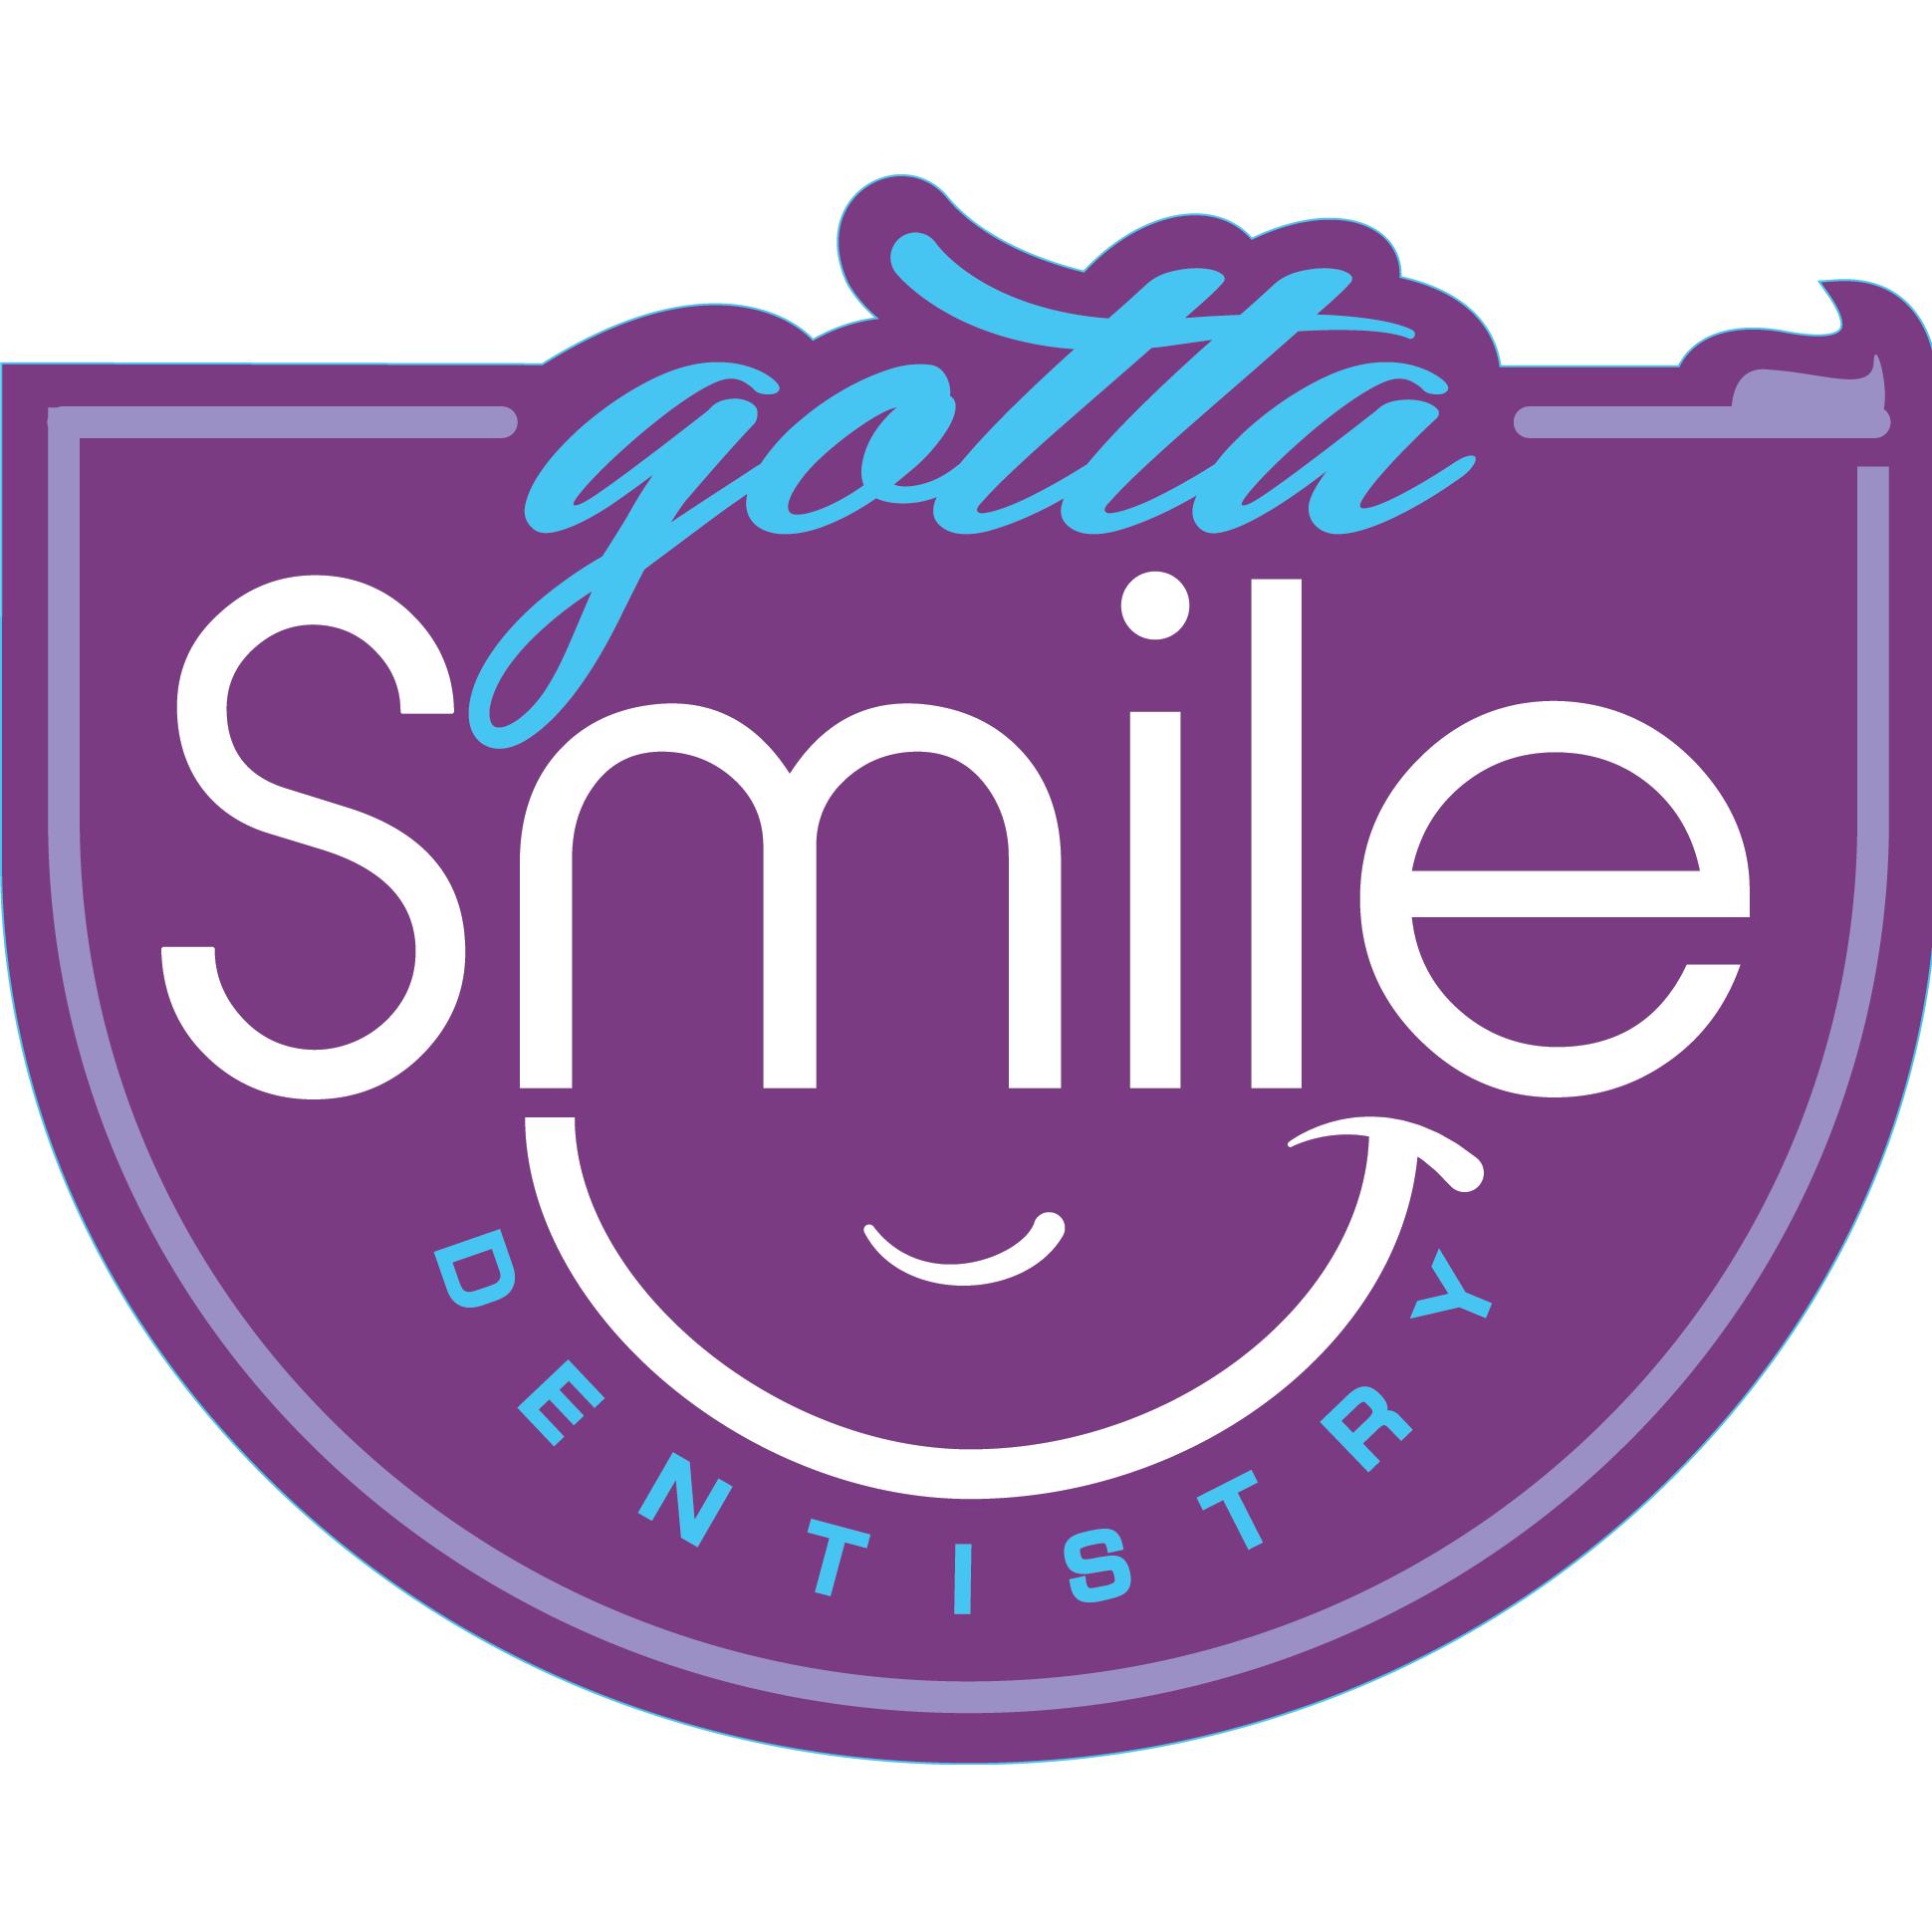 Gotta Smile Dentistry